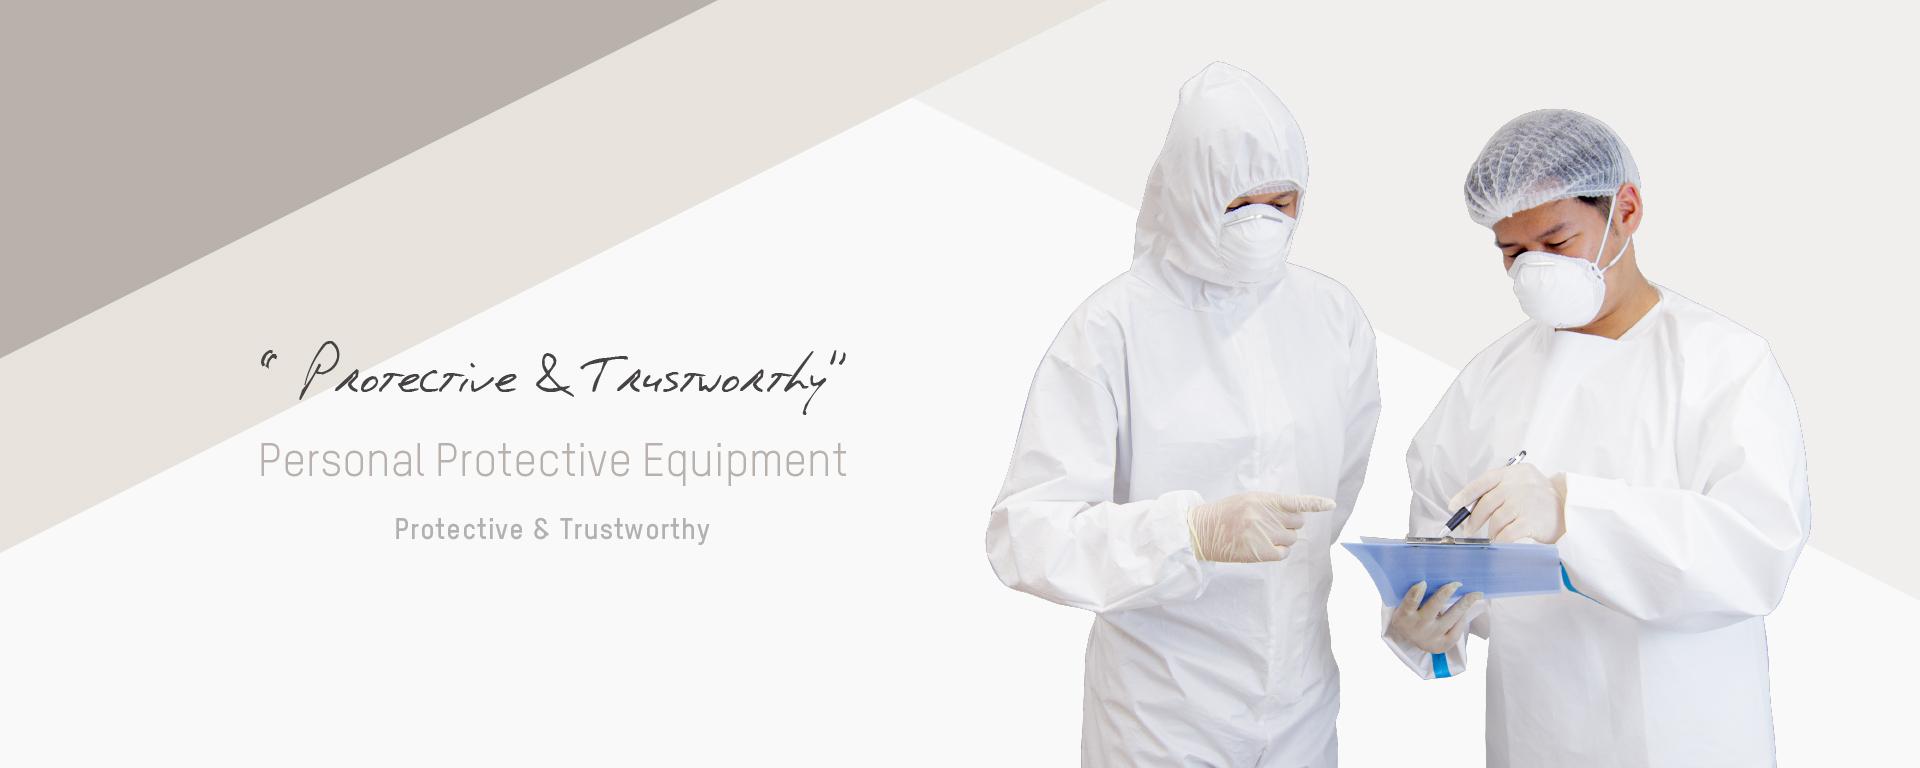 proimages/news/2020/PPE_Launch/PPE_1920px-X-768px.jpg